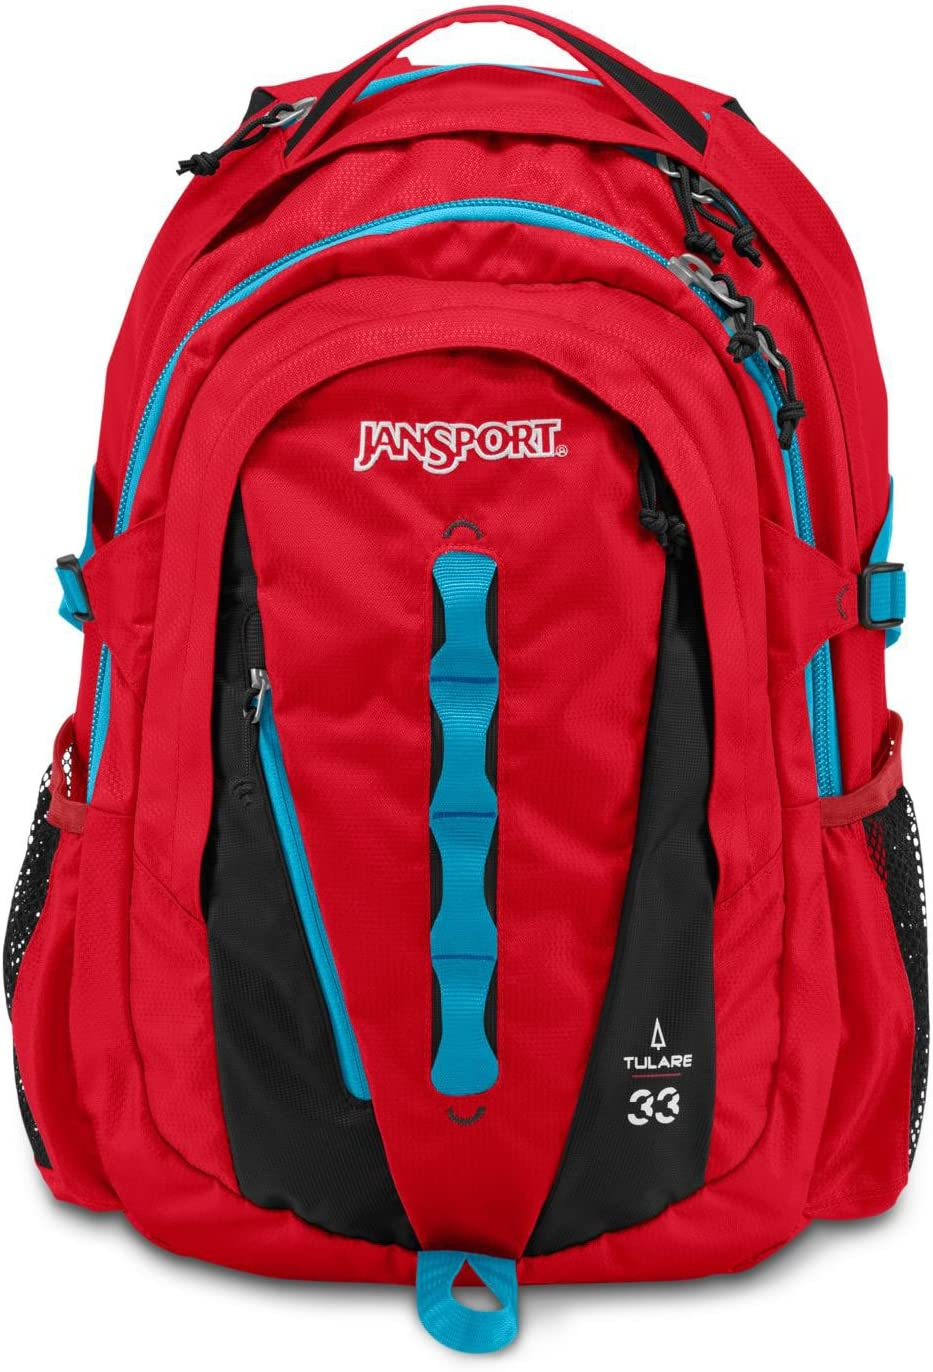 JanSport Tulare Backpack